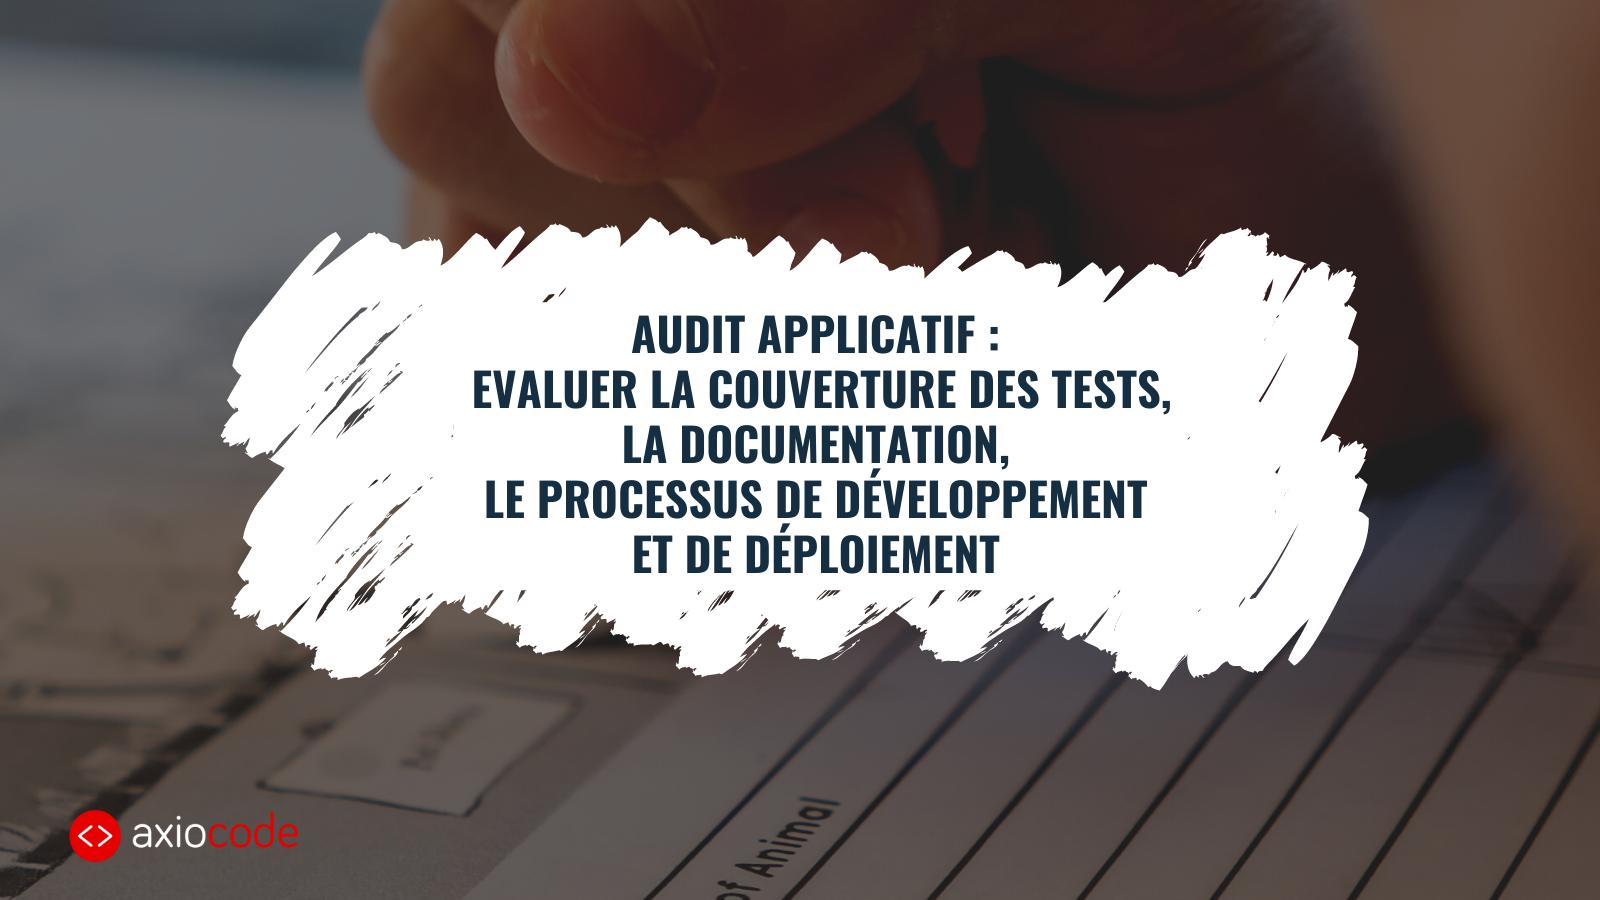 Audit applicatif : Evaluer la couverture et le déploiement des tests